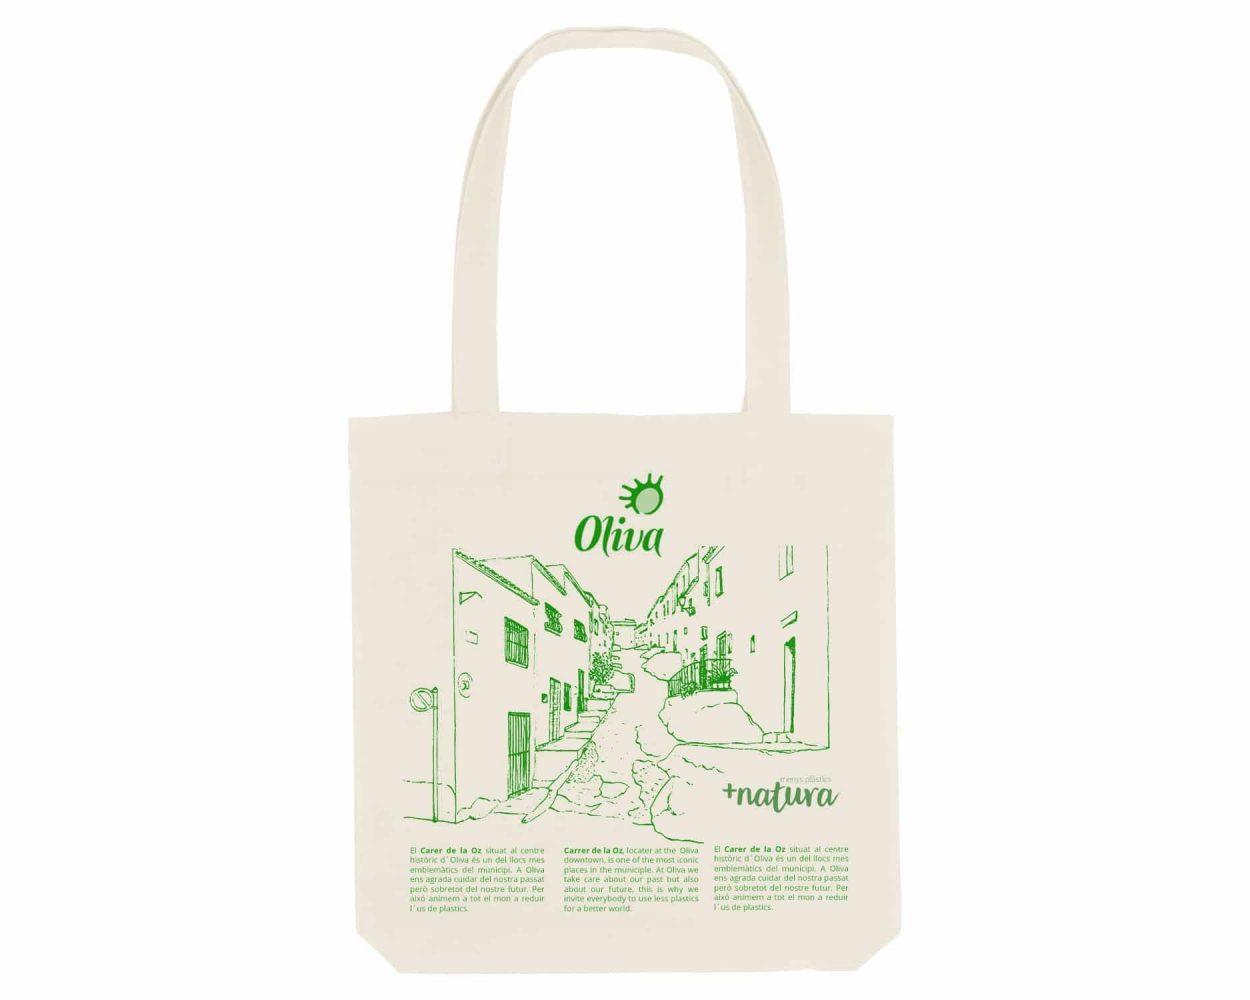 Diseño con un dibujo de la calle de la hoz en el centro histórico de Oliva. Diseño para una bolsa de tela.